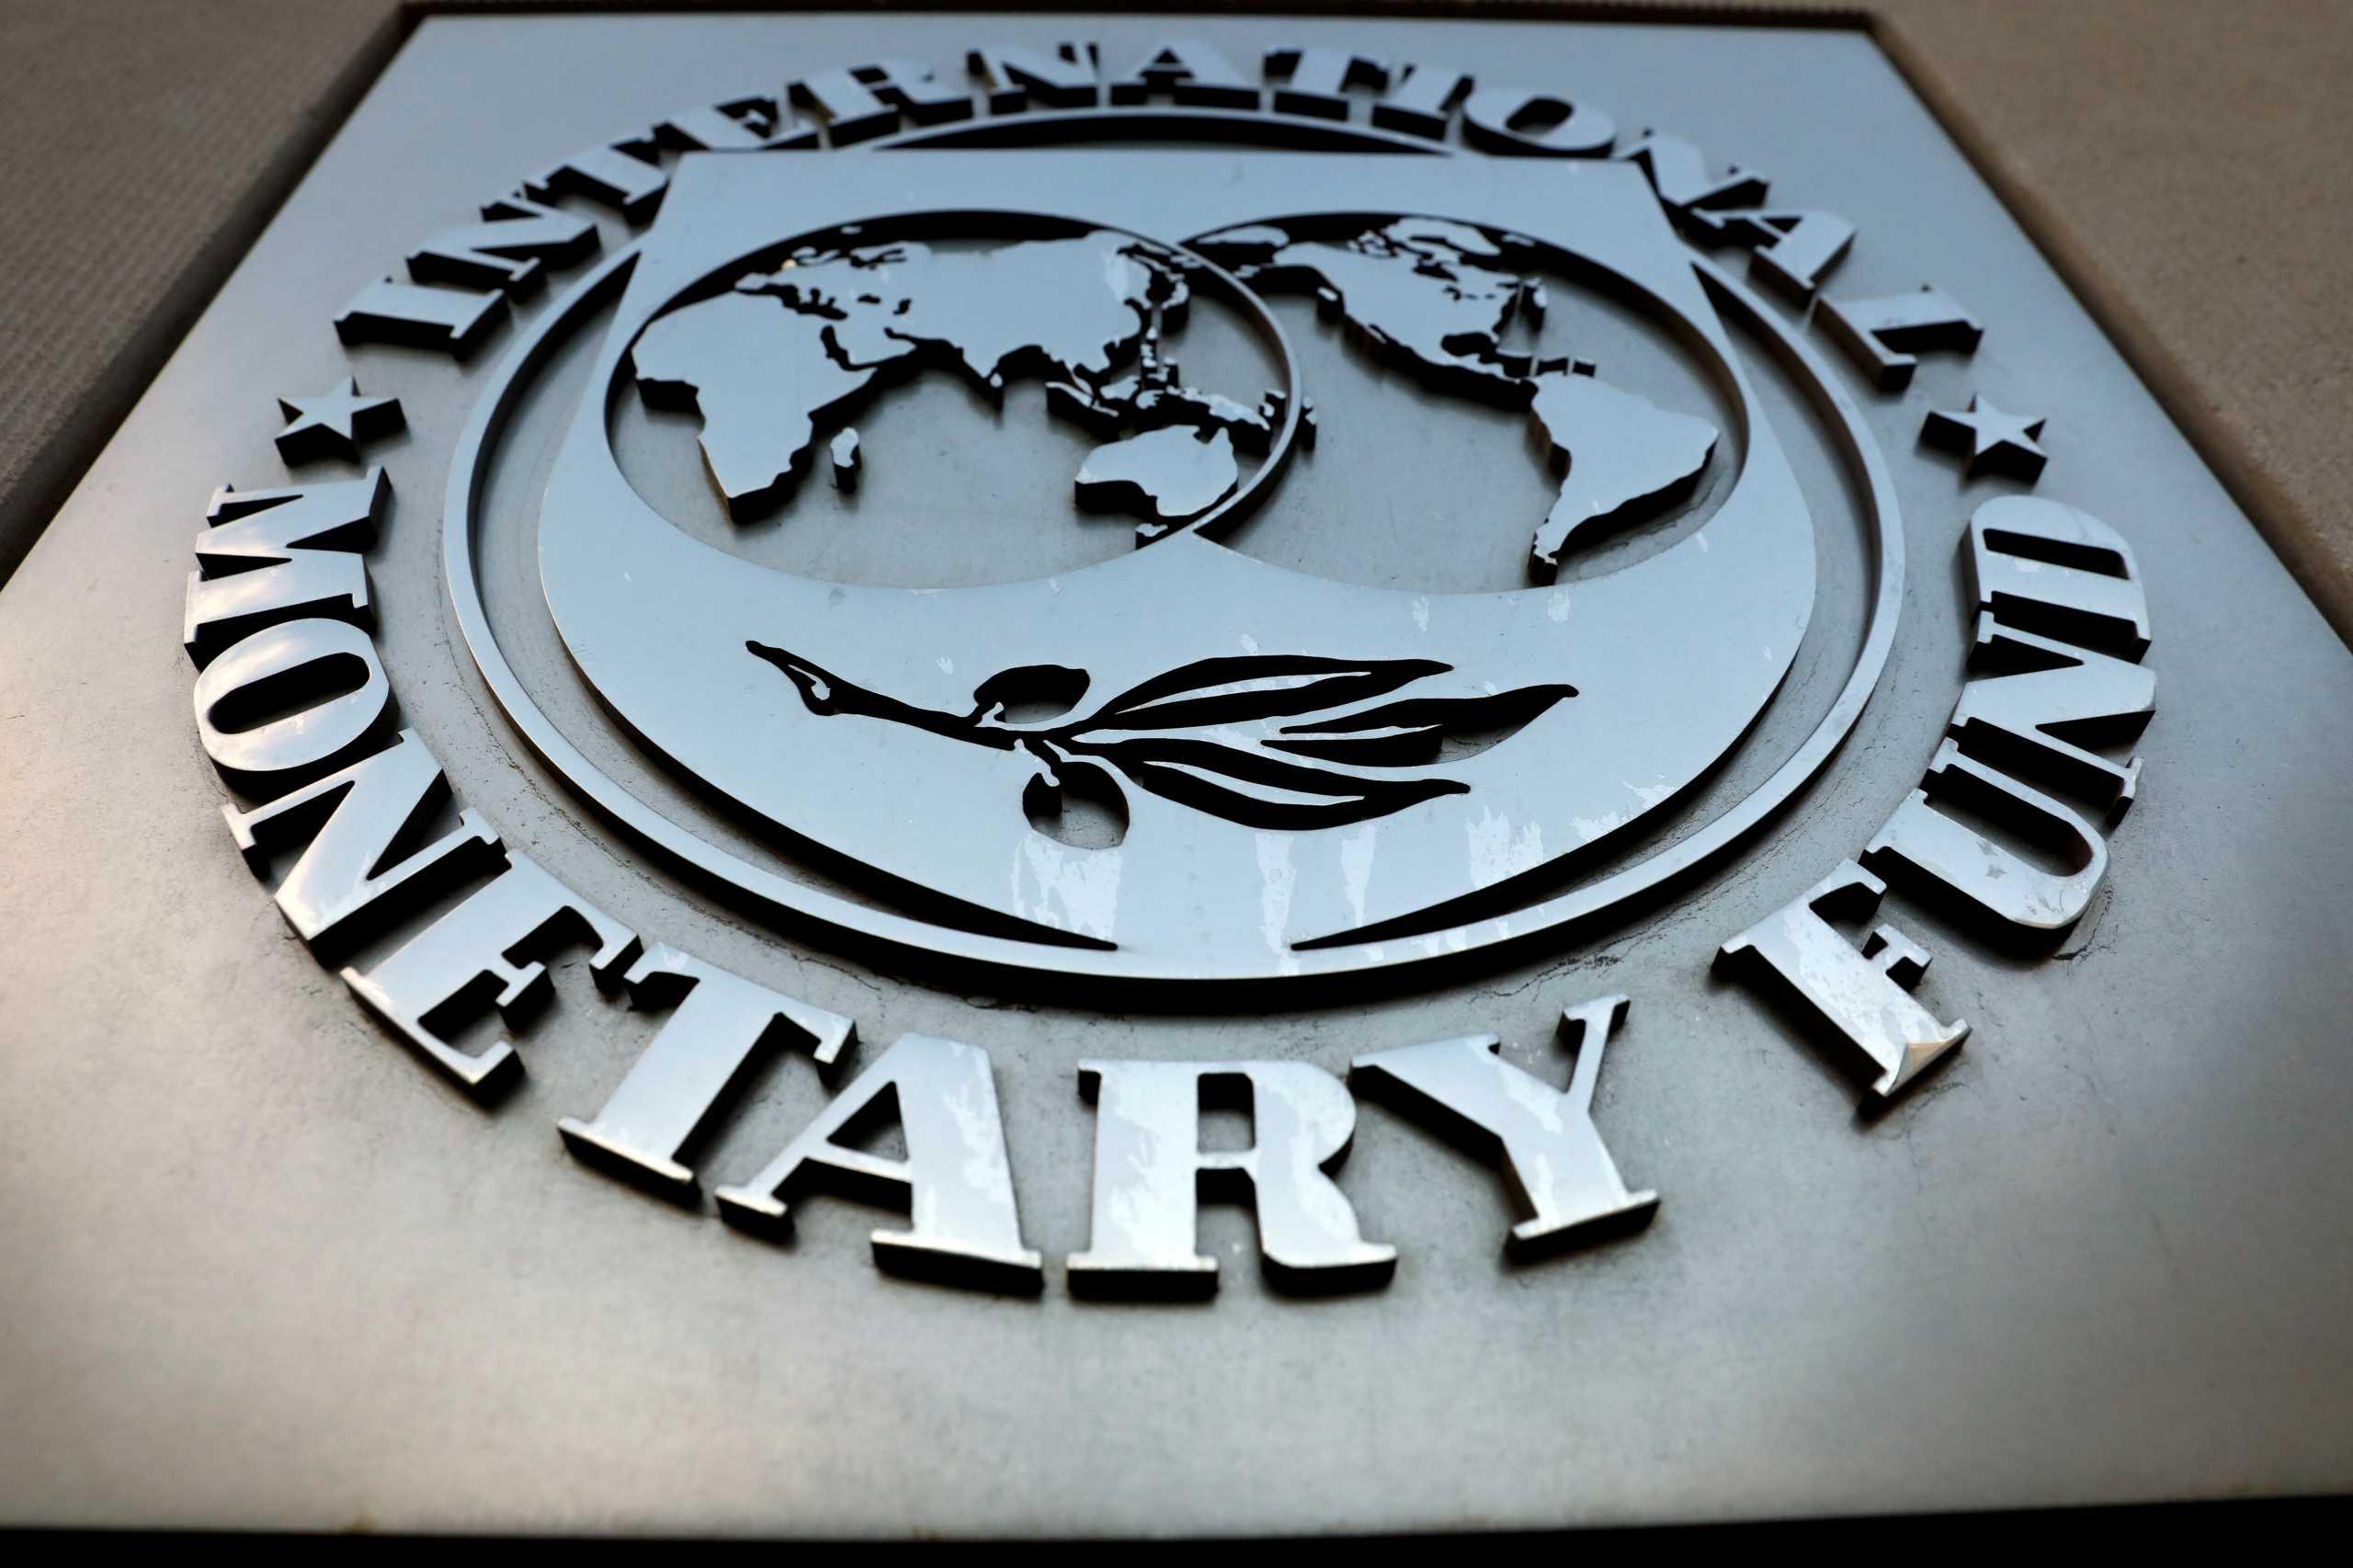 ΔΝΤ: Υπέρ ενός παγκόσμιου ελάχιστου φόρου στις επιχειρήσεις